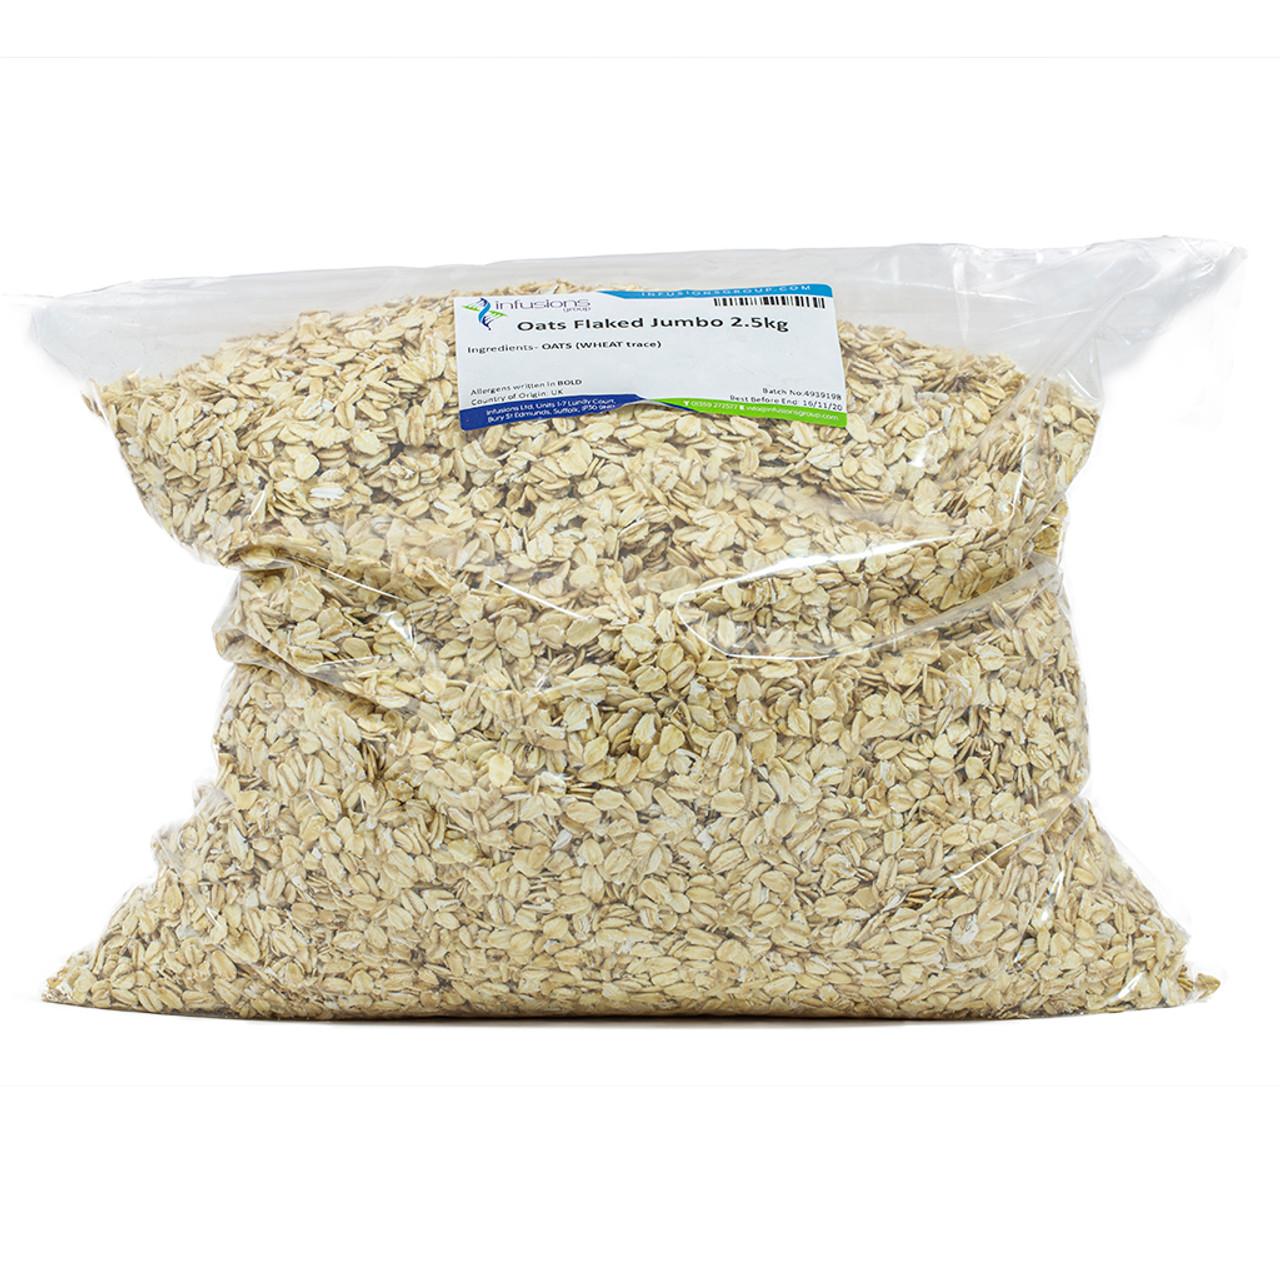 Oats Medium Flaked 2.5kg